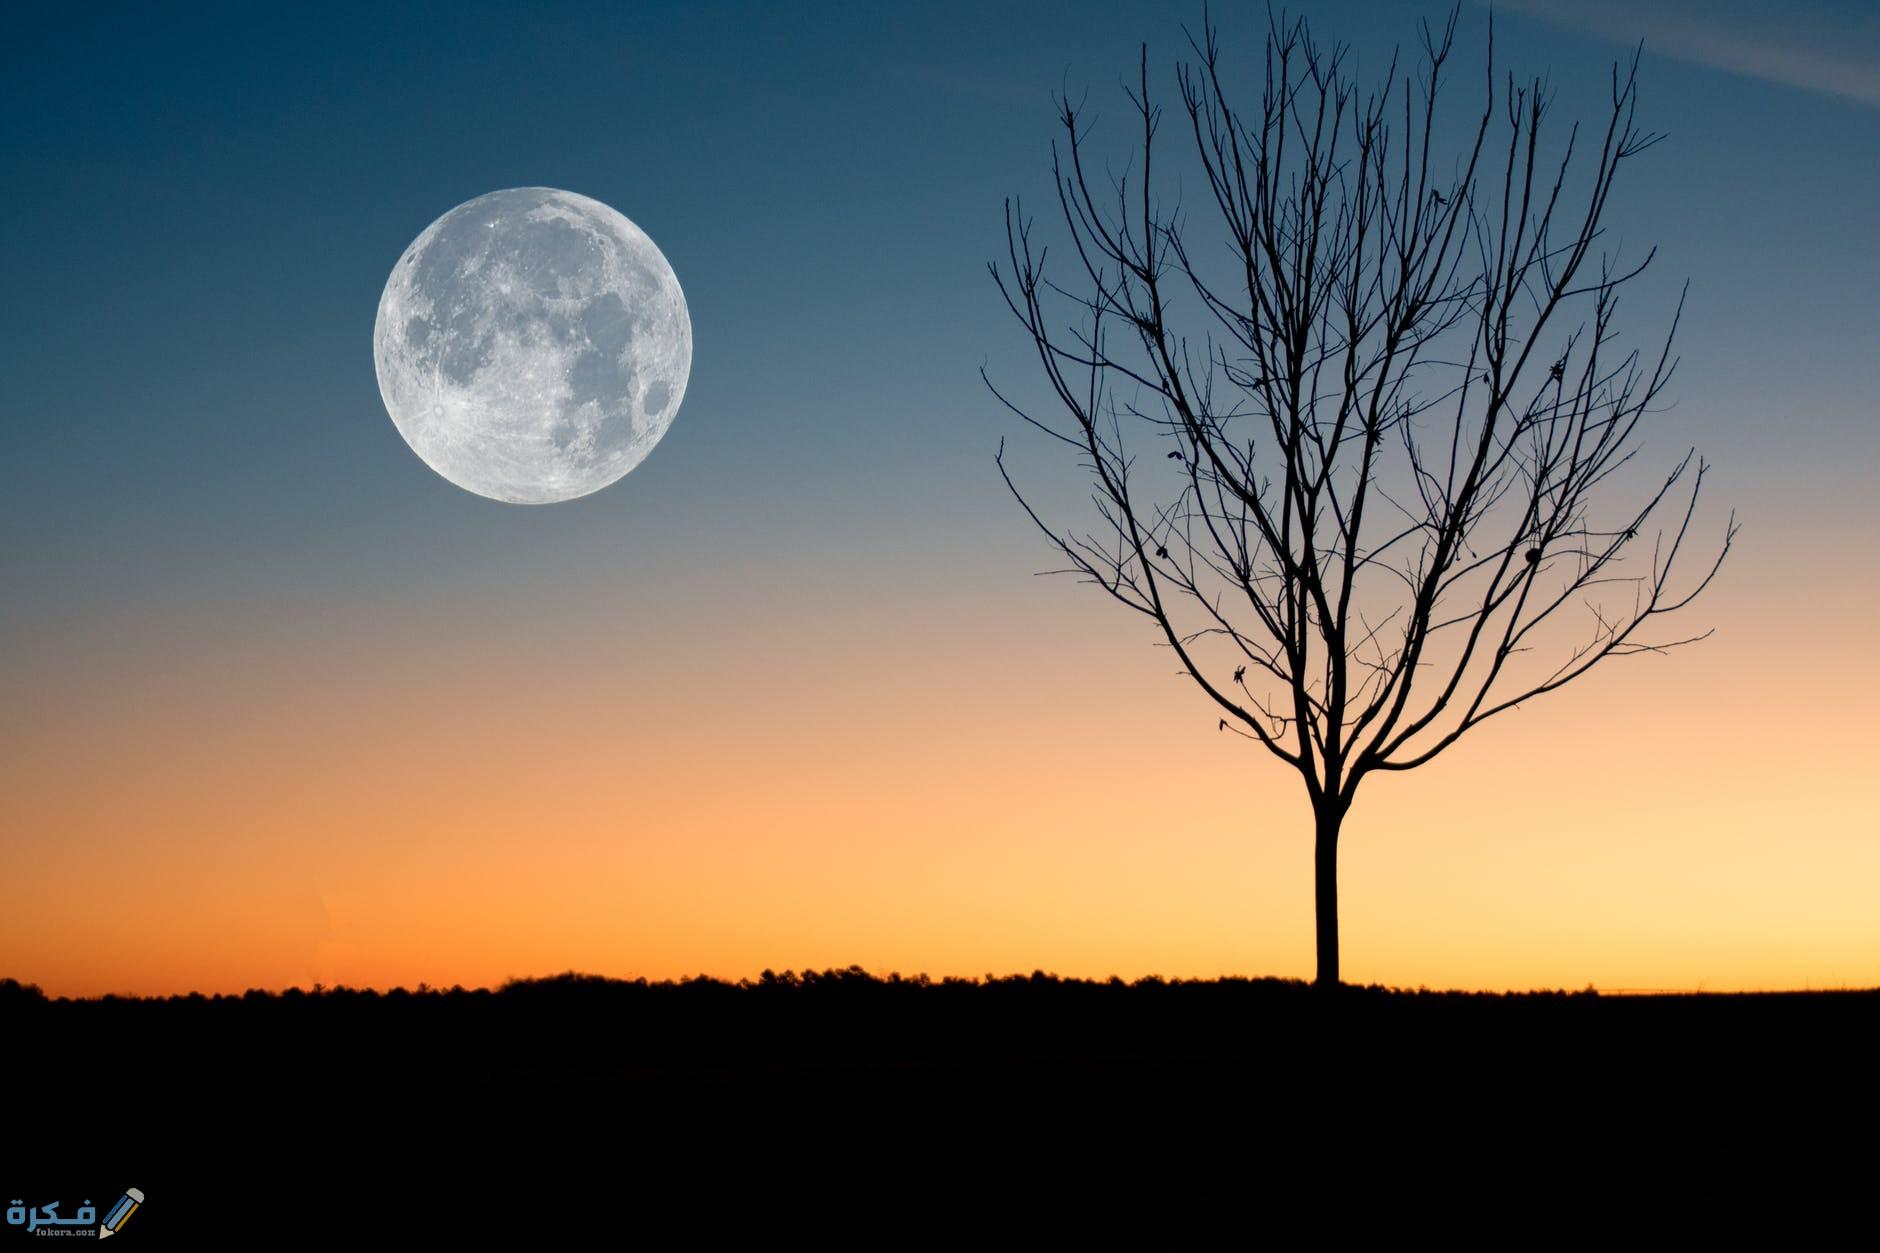 تفسير حلم القمر قريب من الارض موقع فكرة